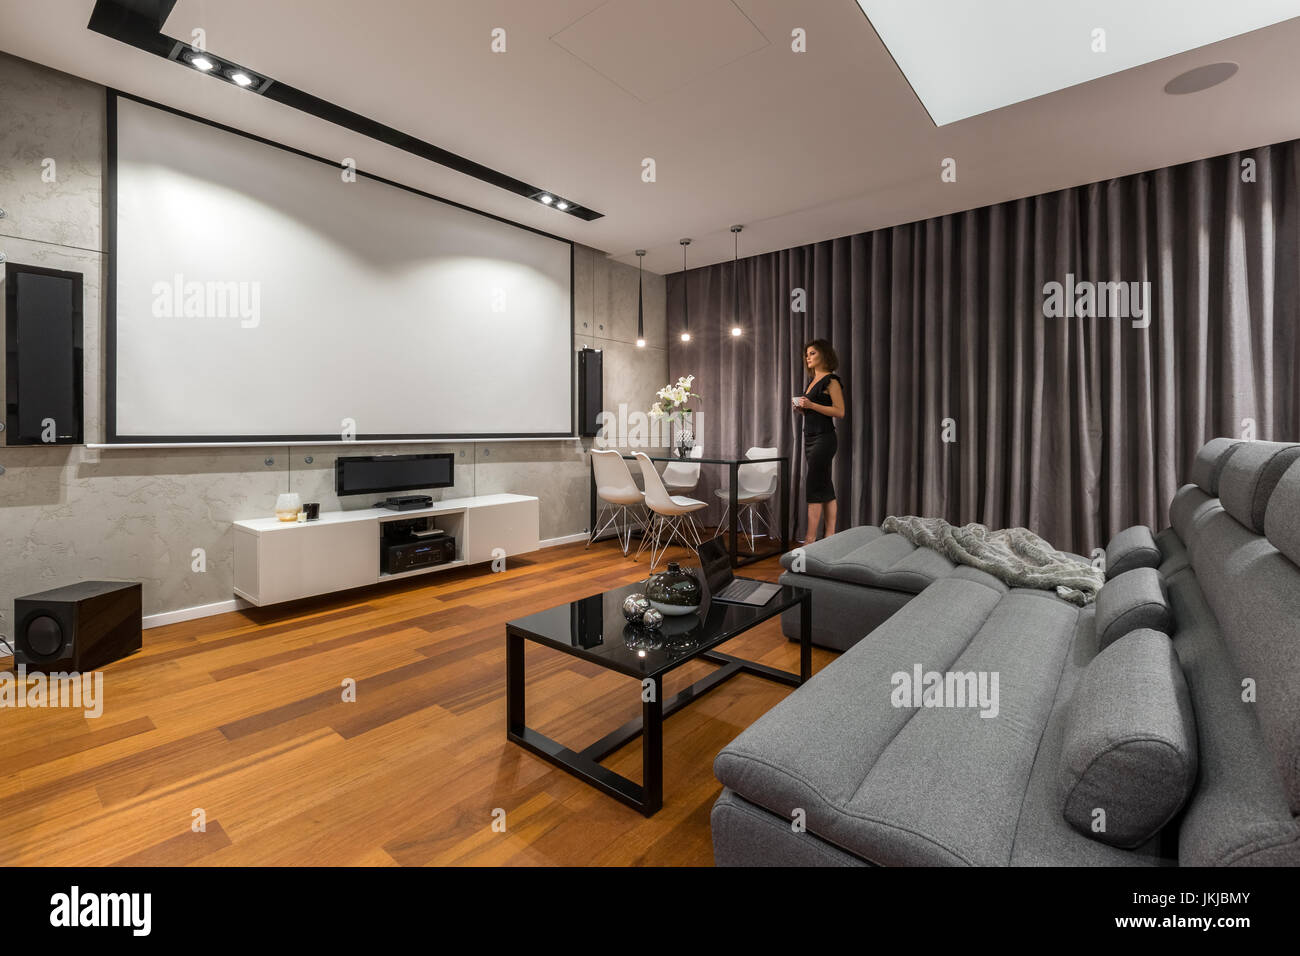 Charmant Frau Im Wohnzimmer Mit Leinwand, Grau Sofa Und Schwarz Couchtisch